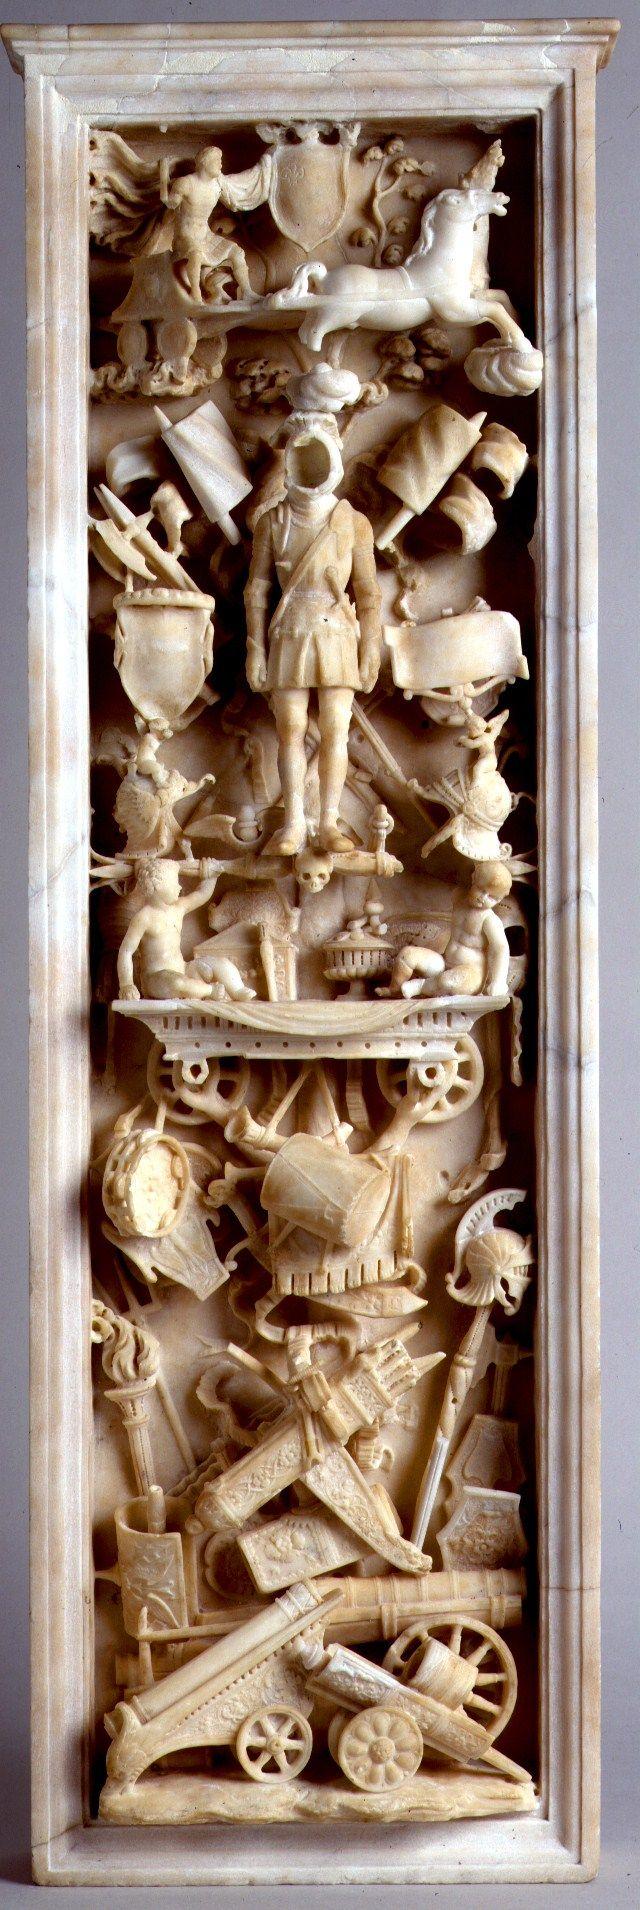 BUSTI AGOSTINO DETTO IL BAMBAJA circa 1520 allegorie di trionfi militari con armi e armature | Palazzo Madama Torino partie de monument funèbre de Gaston de Foix.